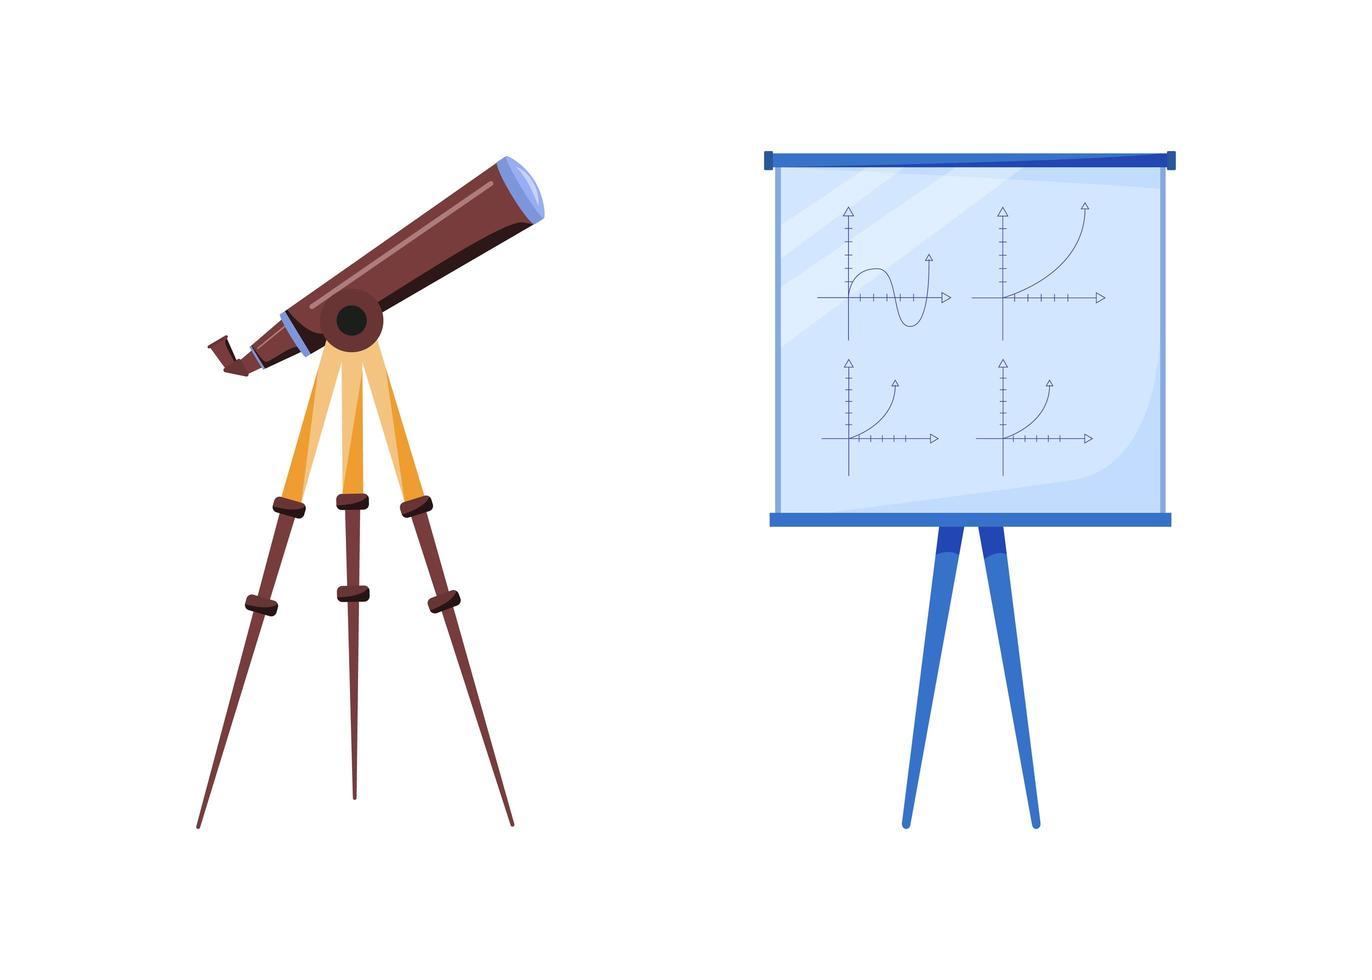 astrologi utrustning platt objekt set vektor